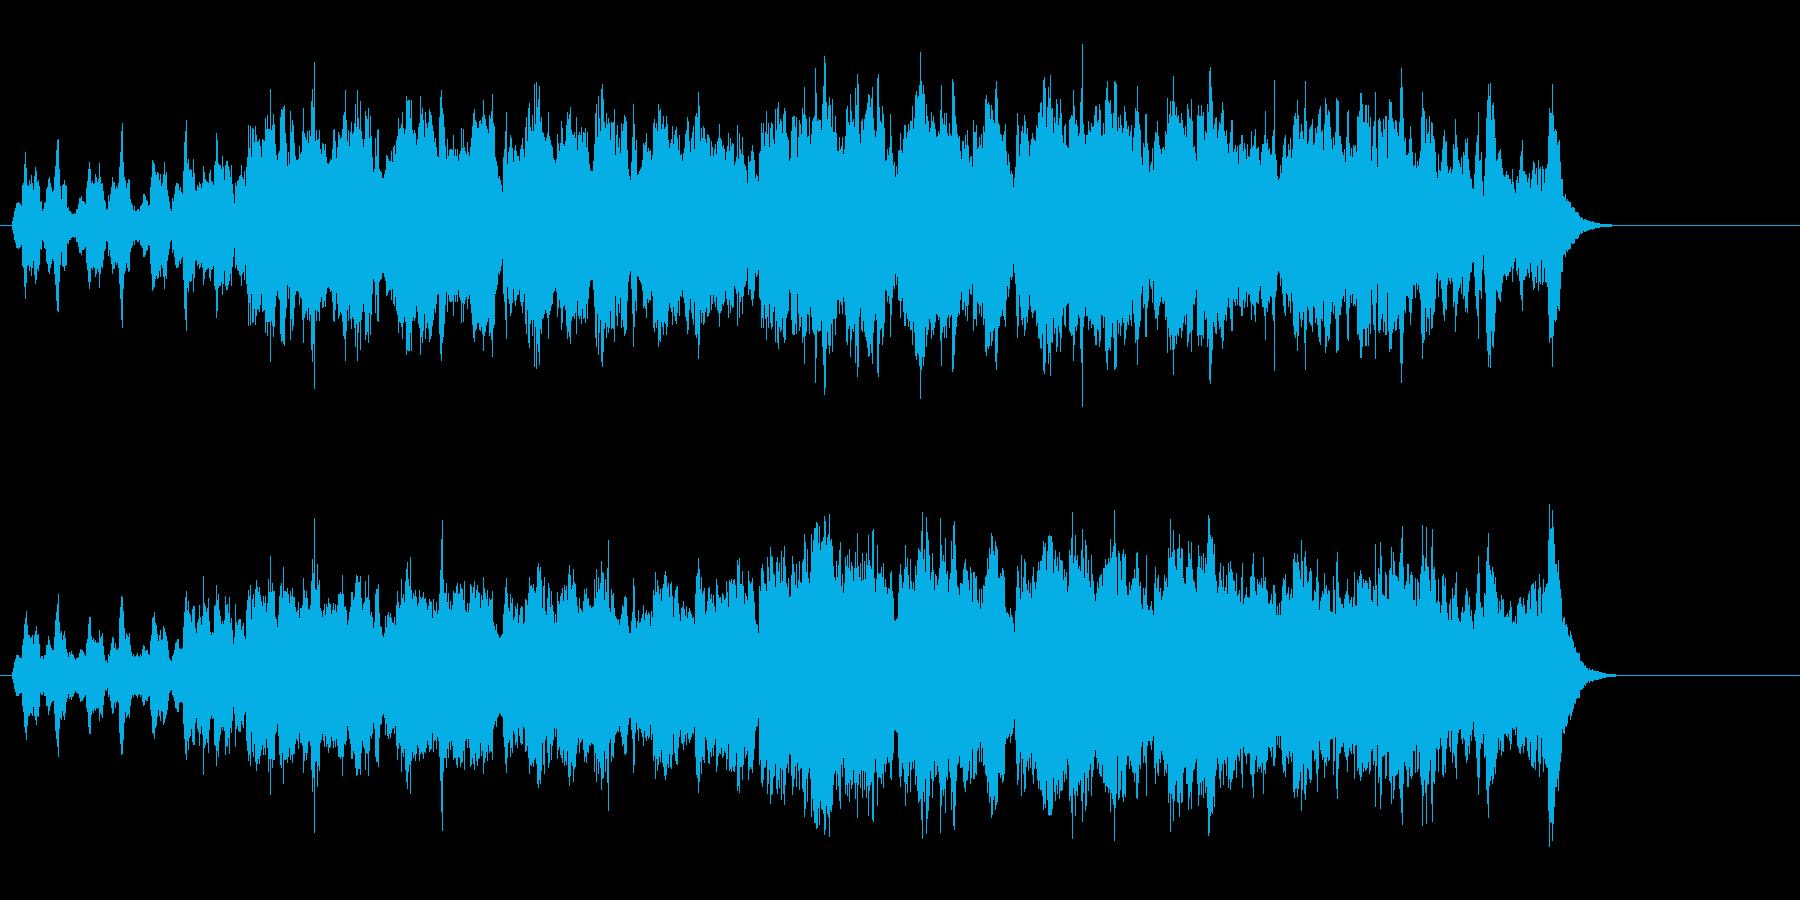 不思議なイメージのあるヨーロピアン調の再生済みの波形